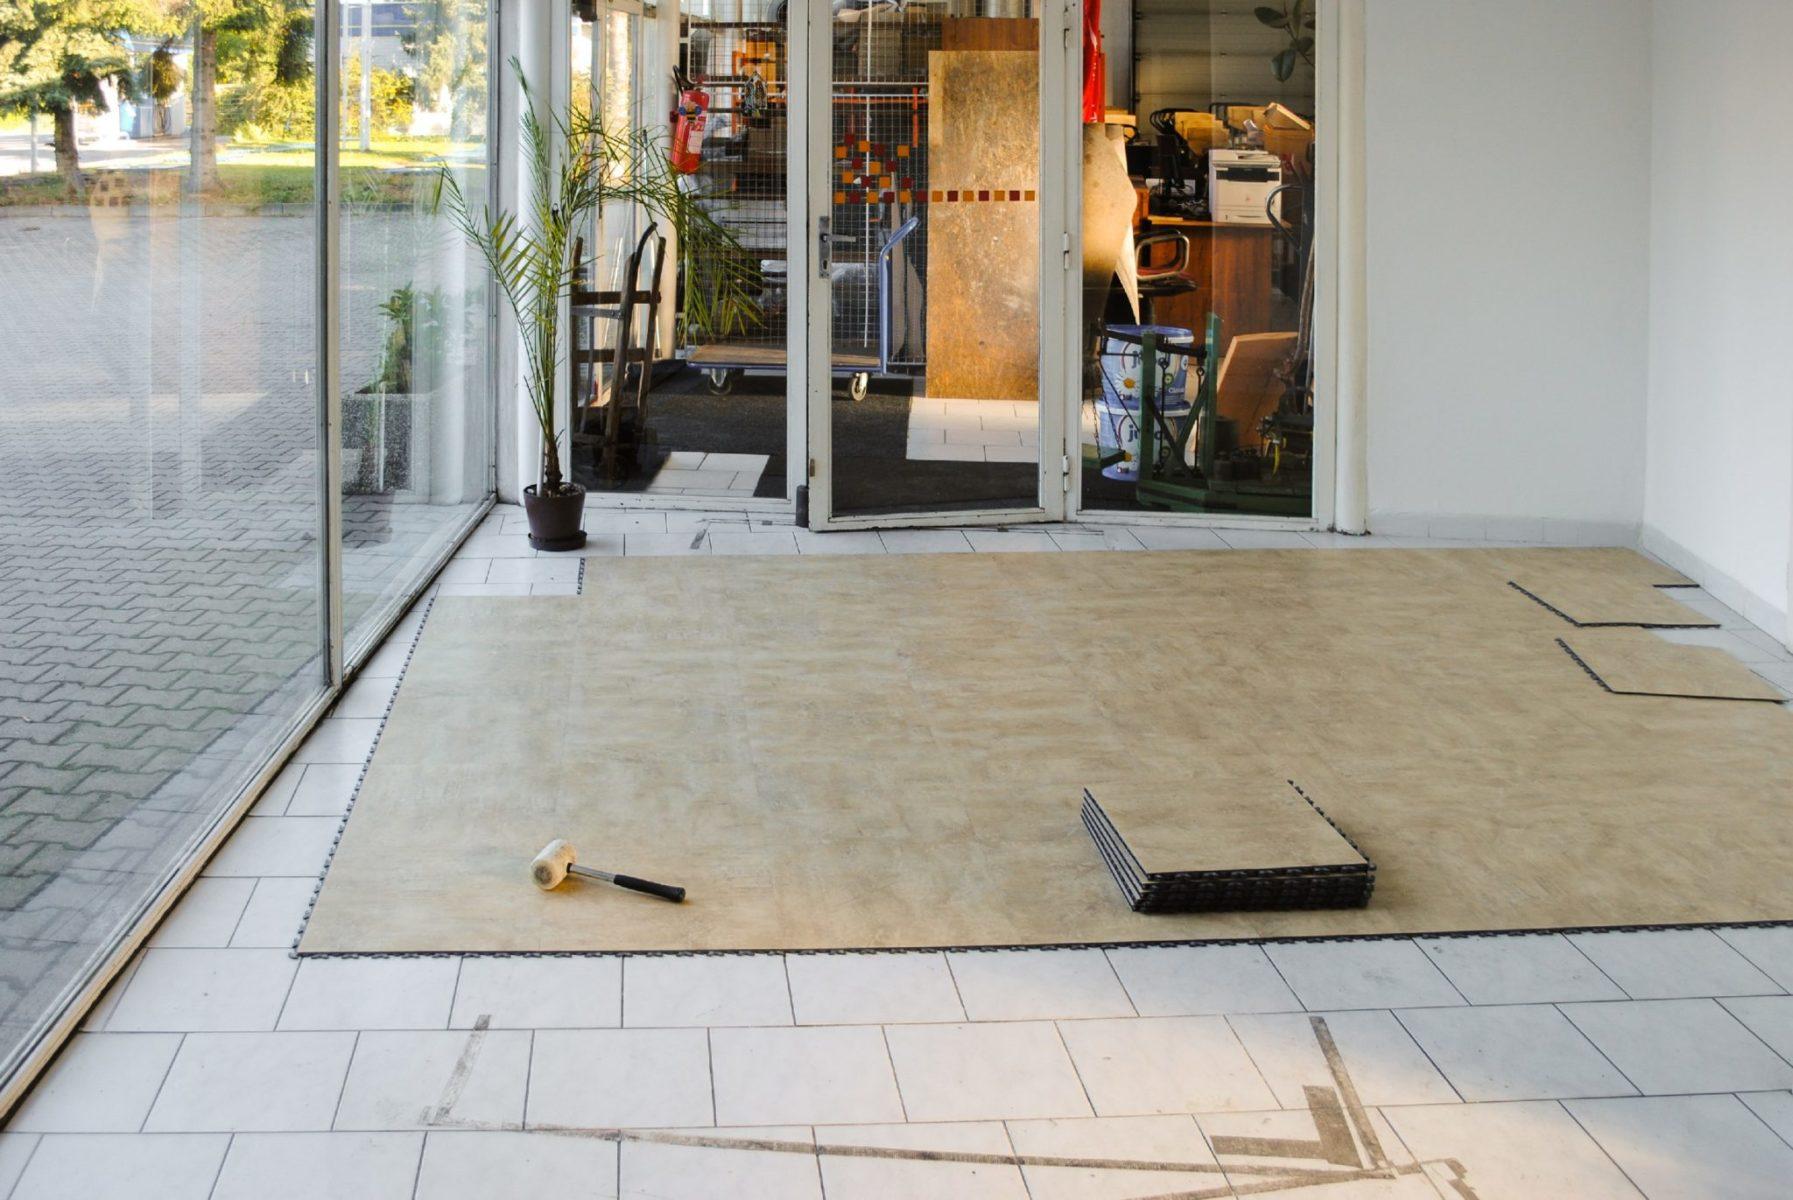 jp business decor pvc fliese platte j ger plastik. Black Bedroom Furniture Sets. Home Design Ideas